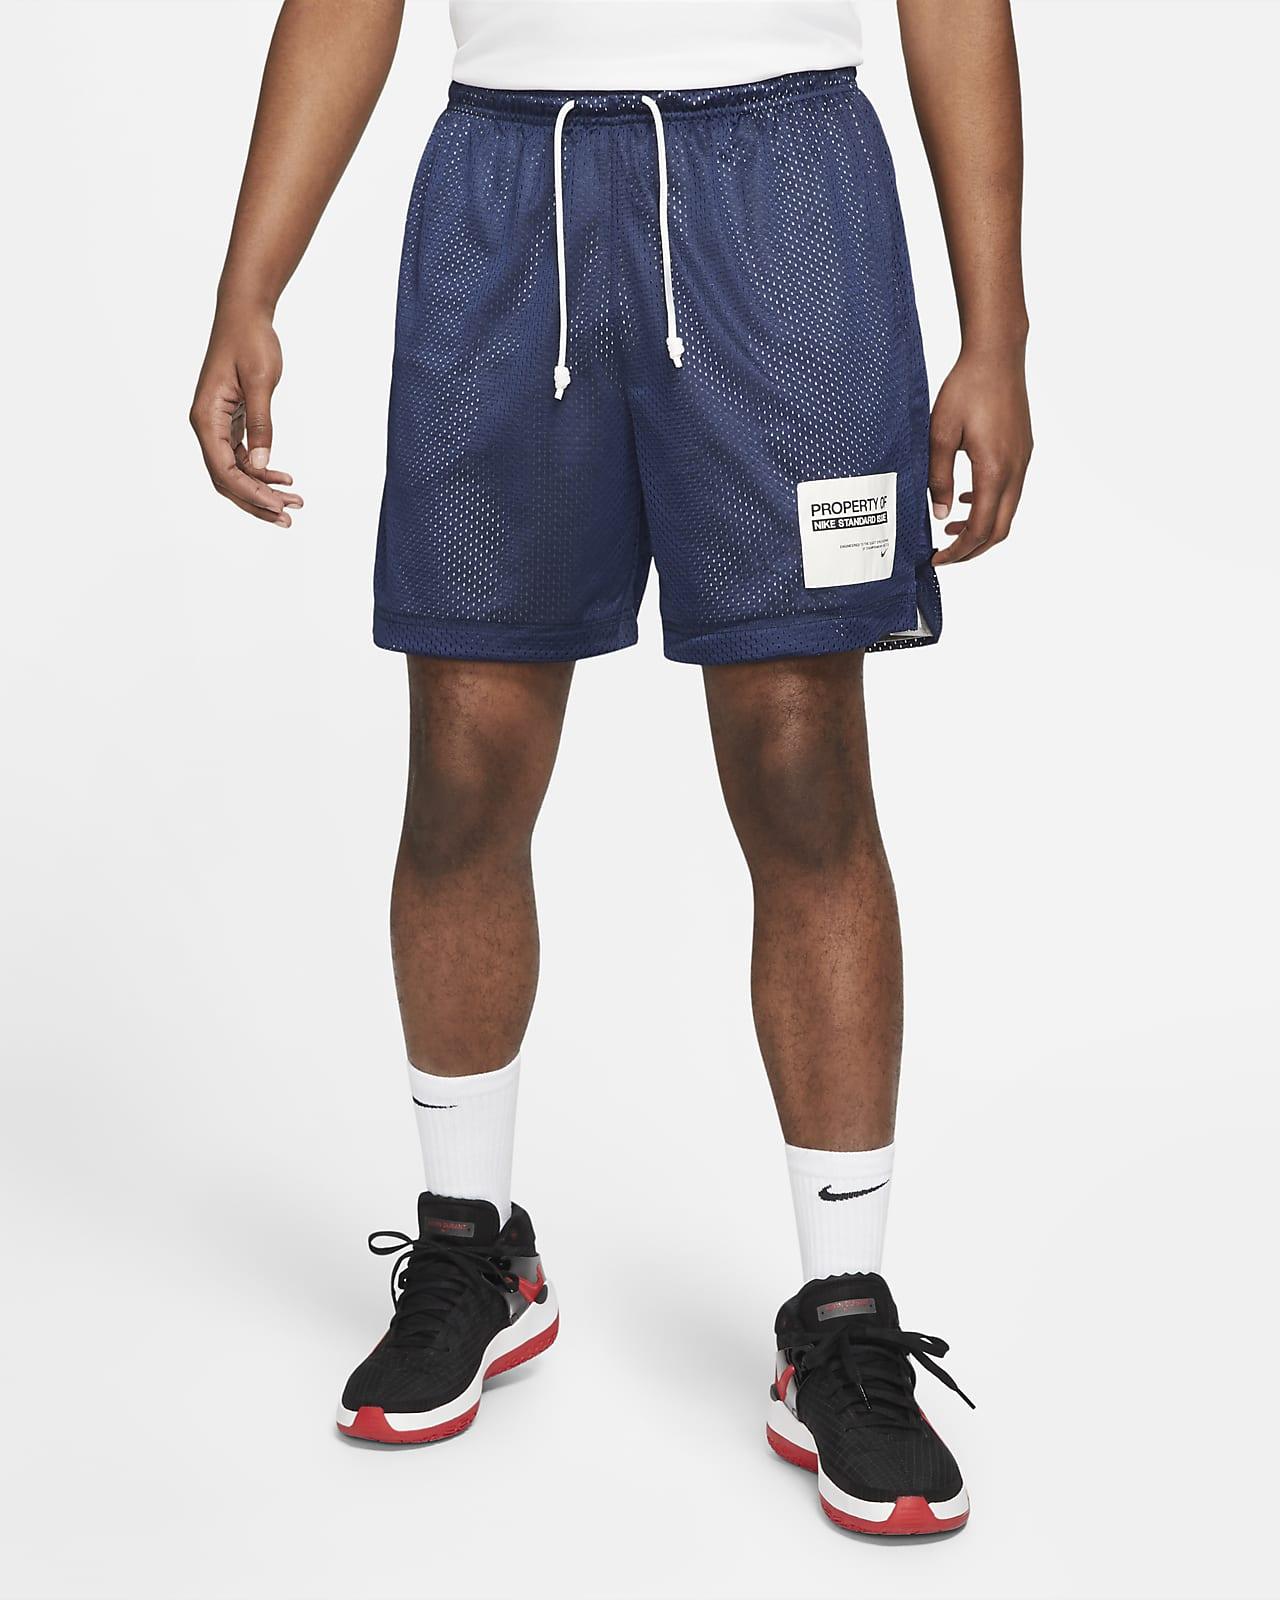 Nike Standard Issue Men's Basketball Reversible Shorts